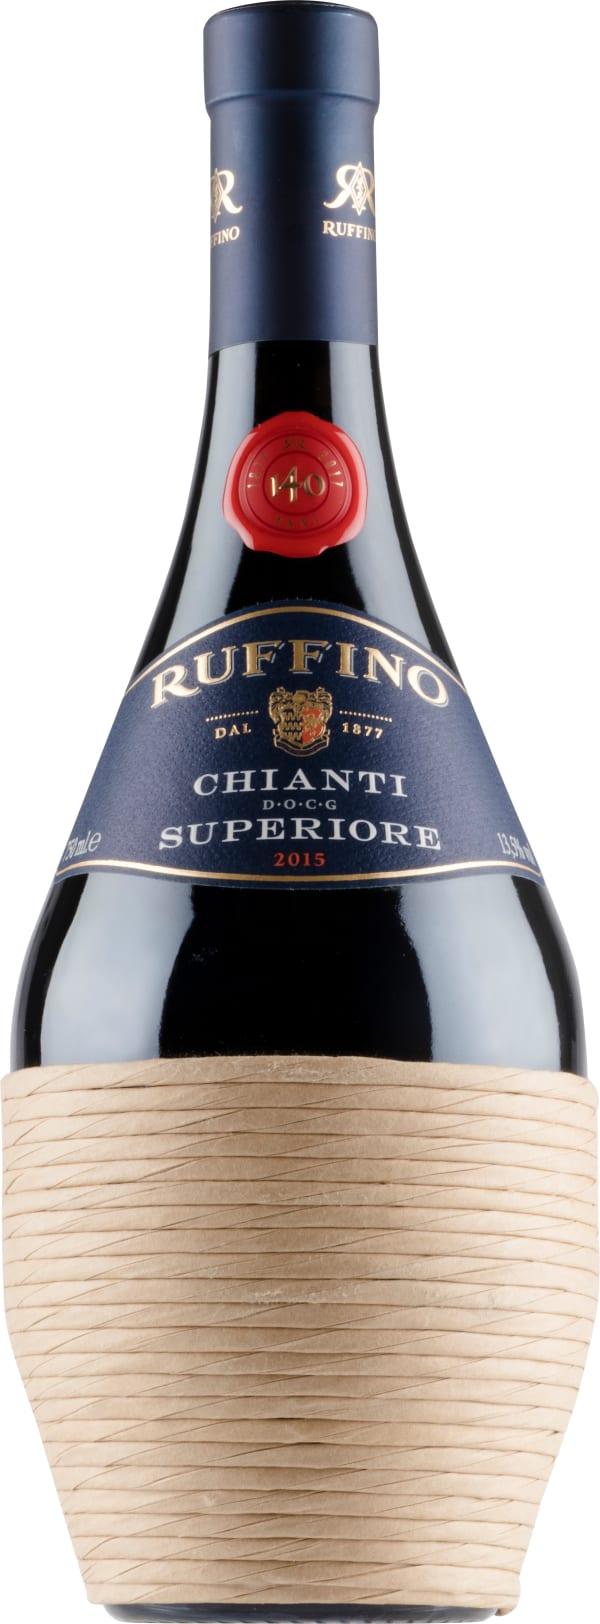 Ruffino Chianti Superiore 2017